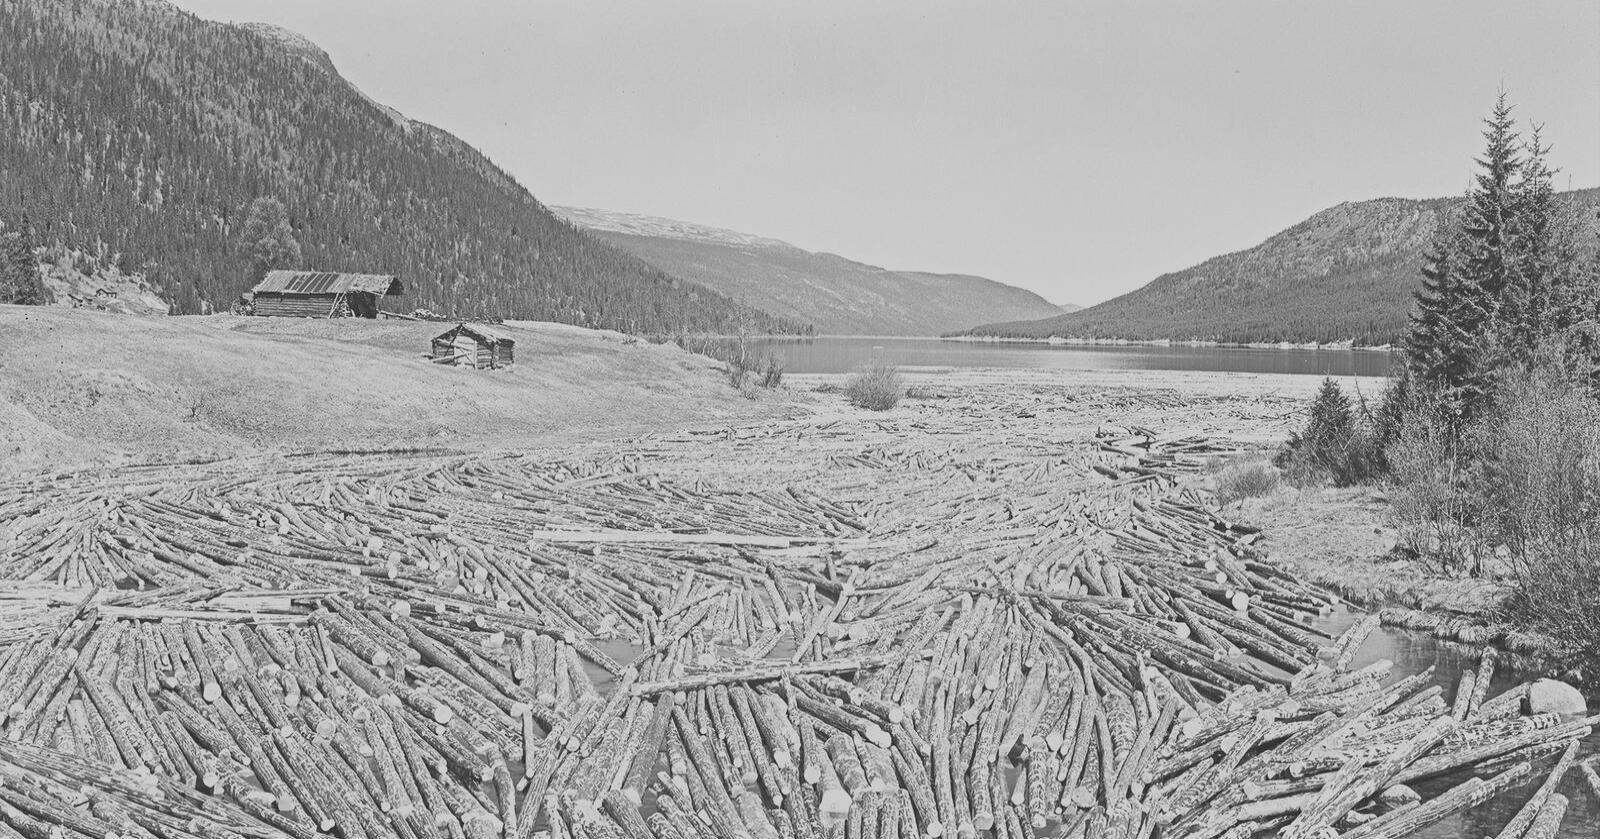 Engeren innsjø i Trysil kommune i Innlandet. Foto: Nasjonalbiblioteket